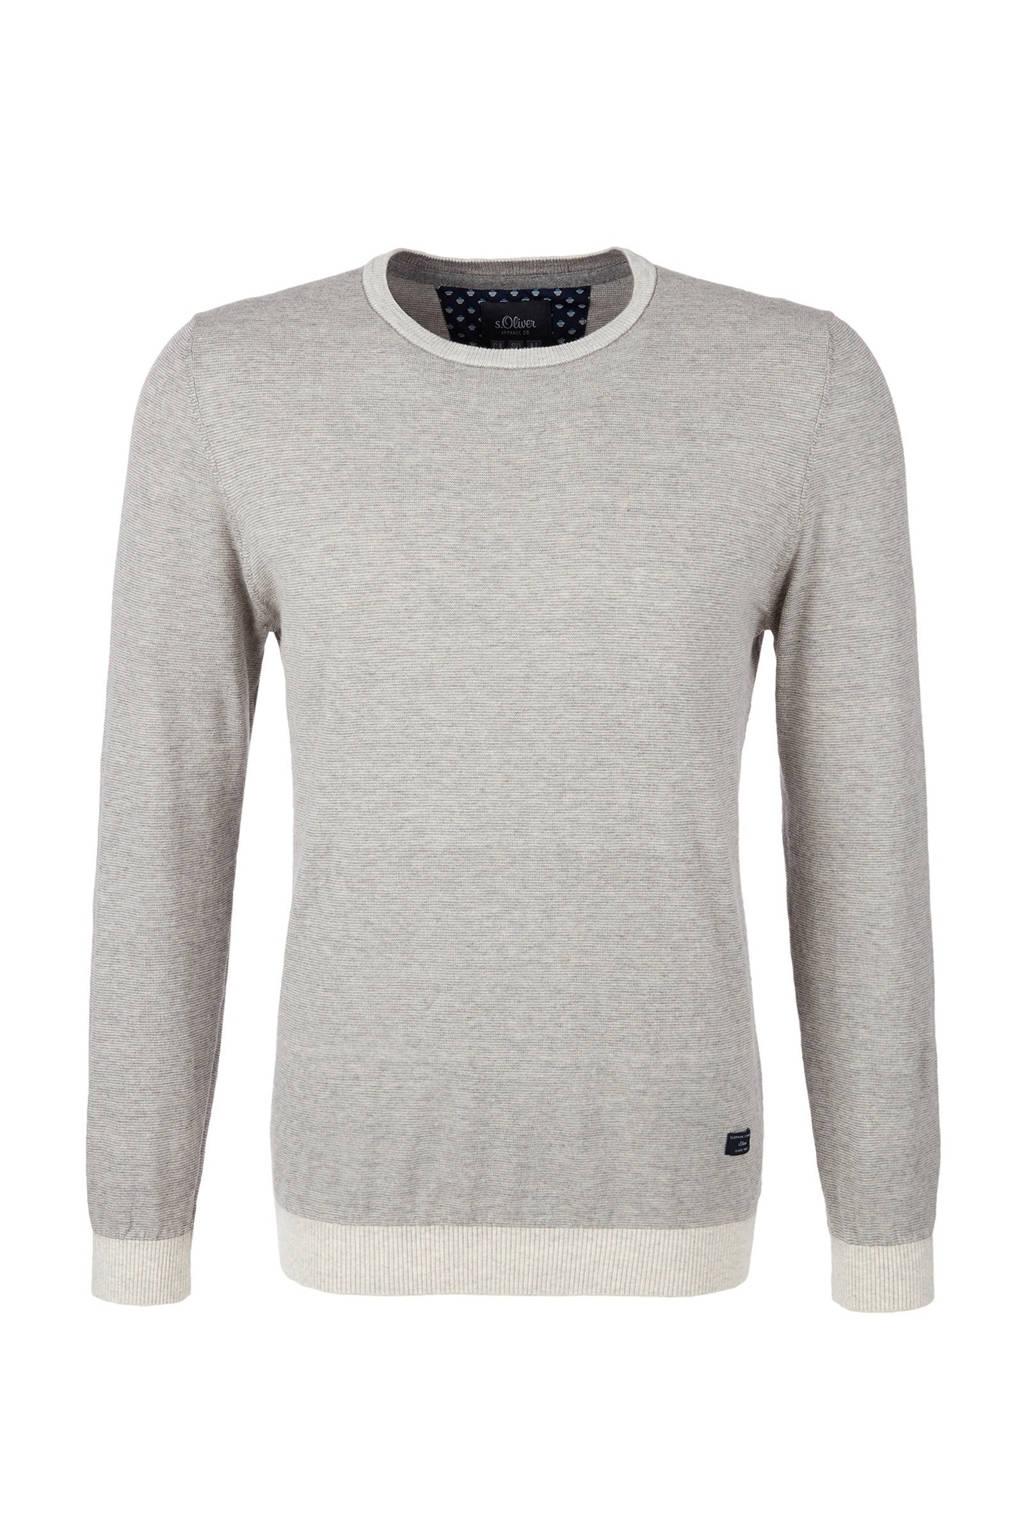 s.Oliver sweater, Ecru